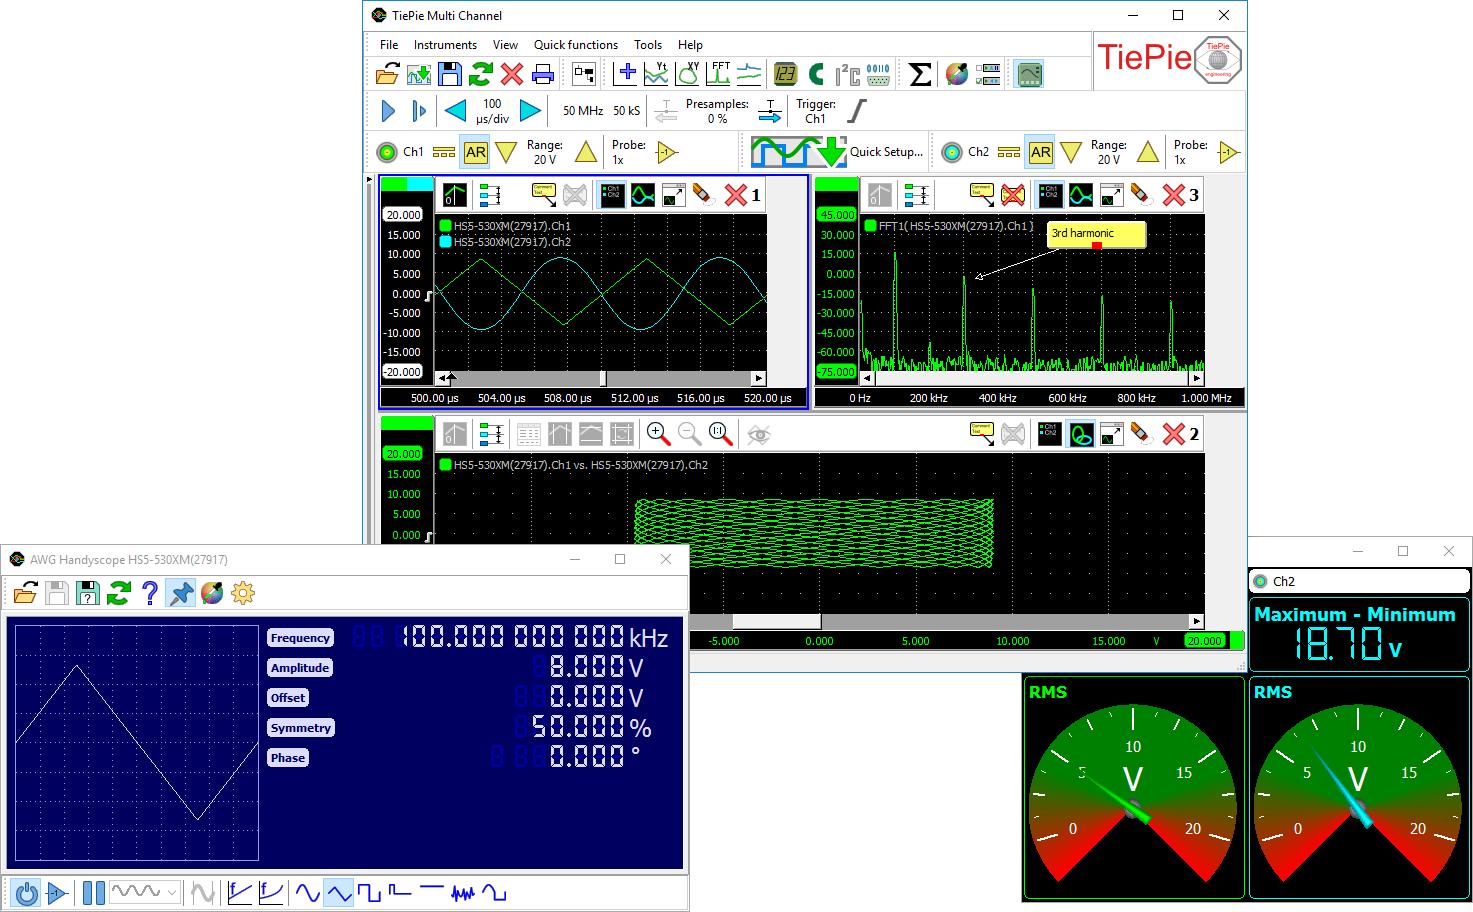 USBオシロ デモ版「マルチチャンネルソフトウェア」